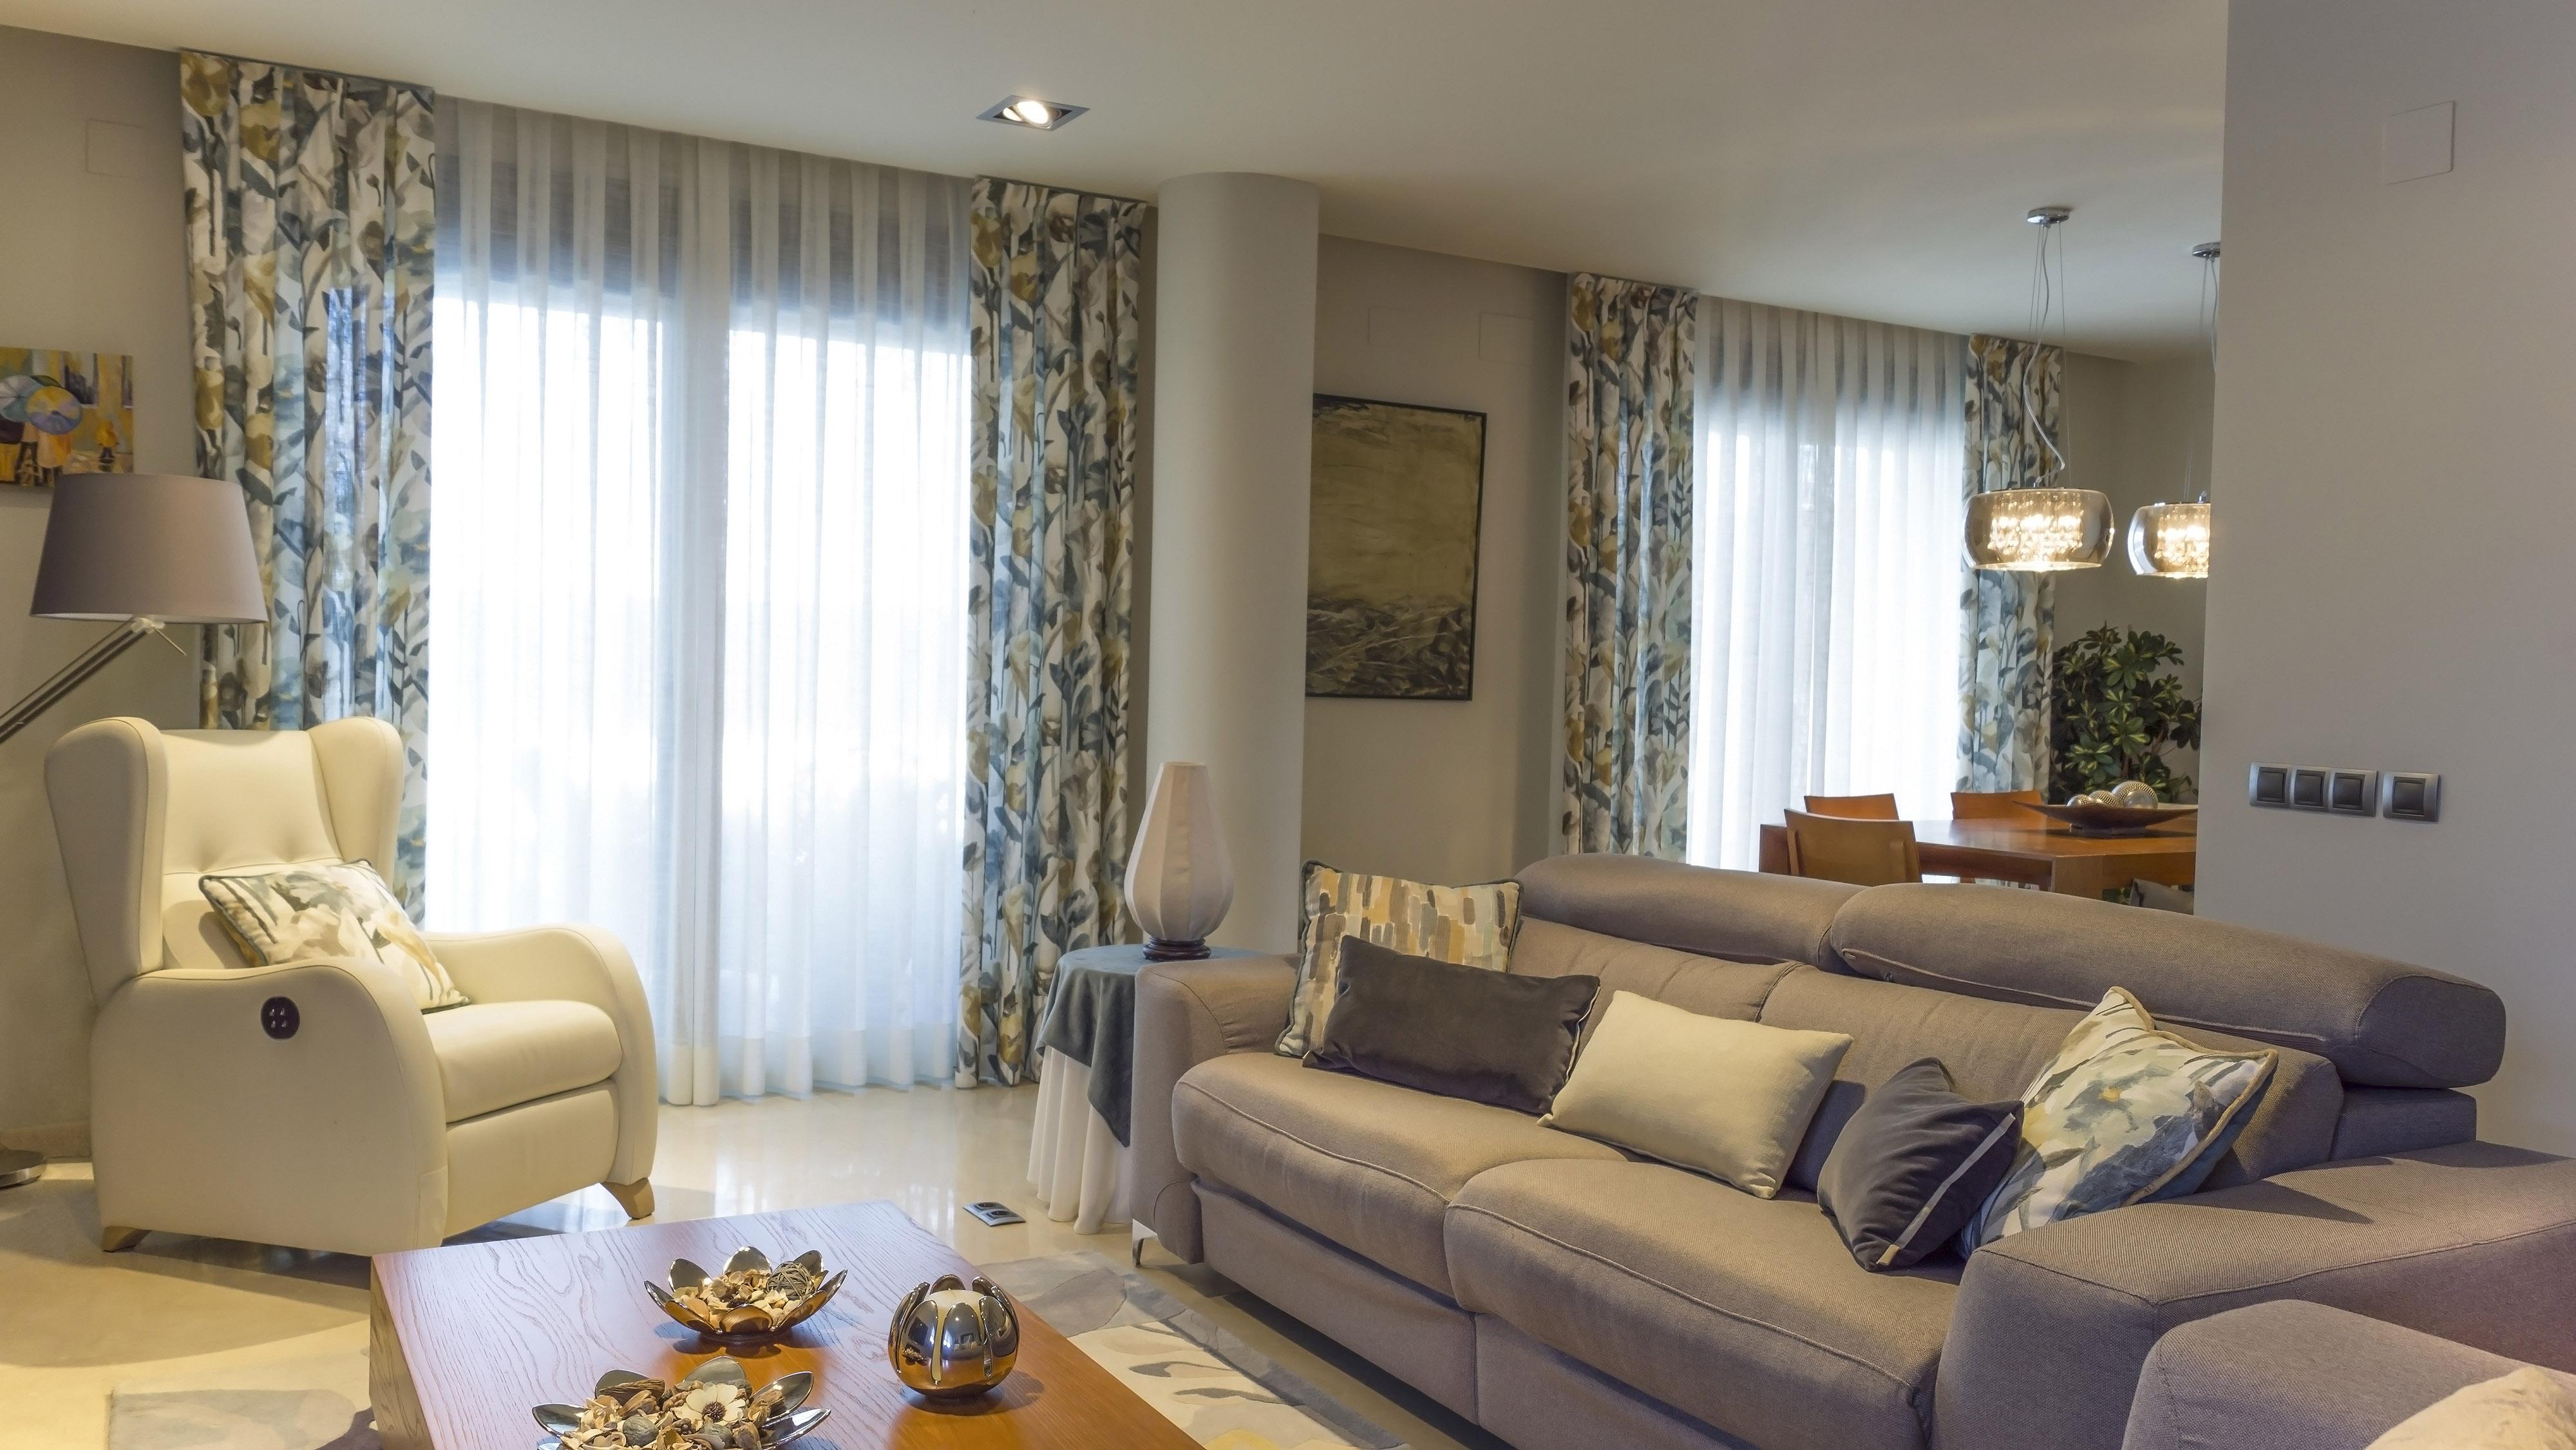 Cortinas estampadas para salon beautiful cortinas trmicas opacas estampadas para saln panel caf - Cortinas originales para salon ...